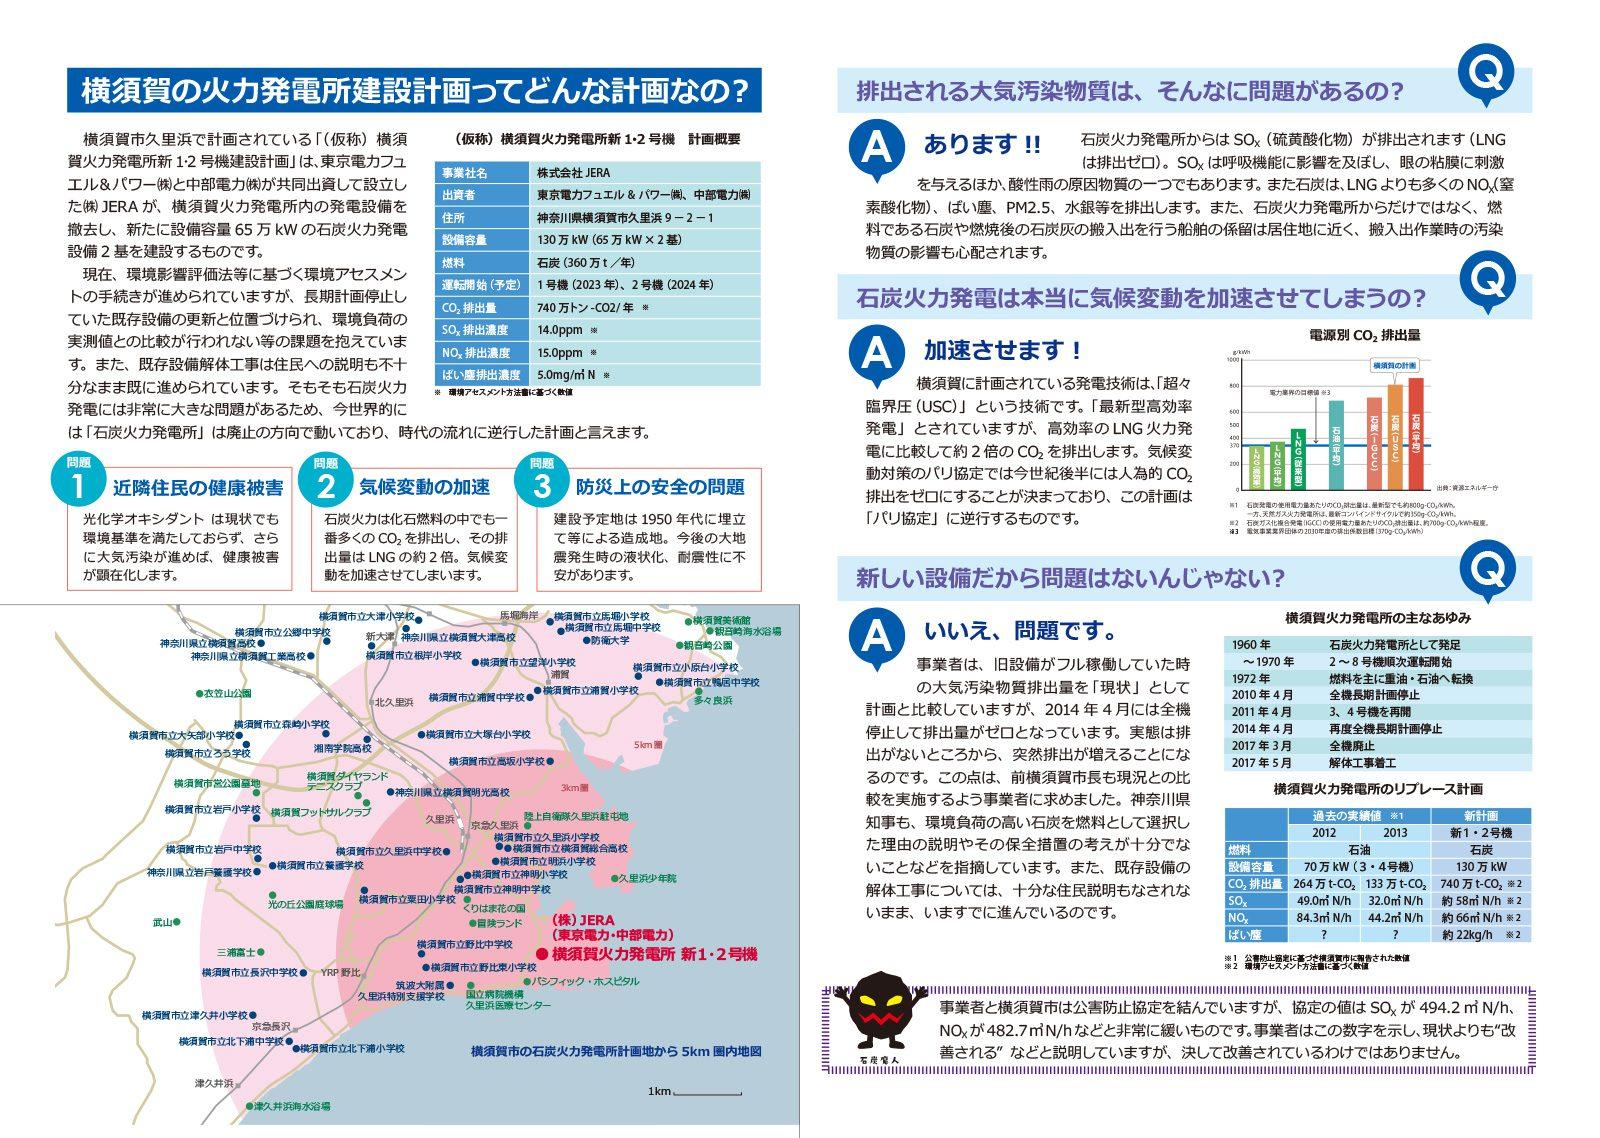 横須賀火力発電所建設計画問題パンフレット